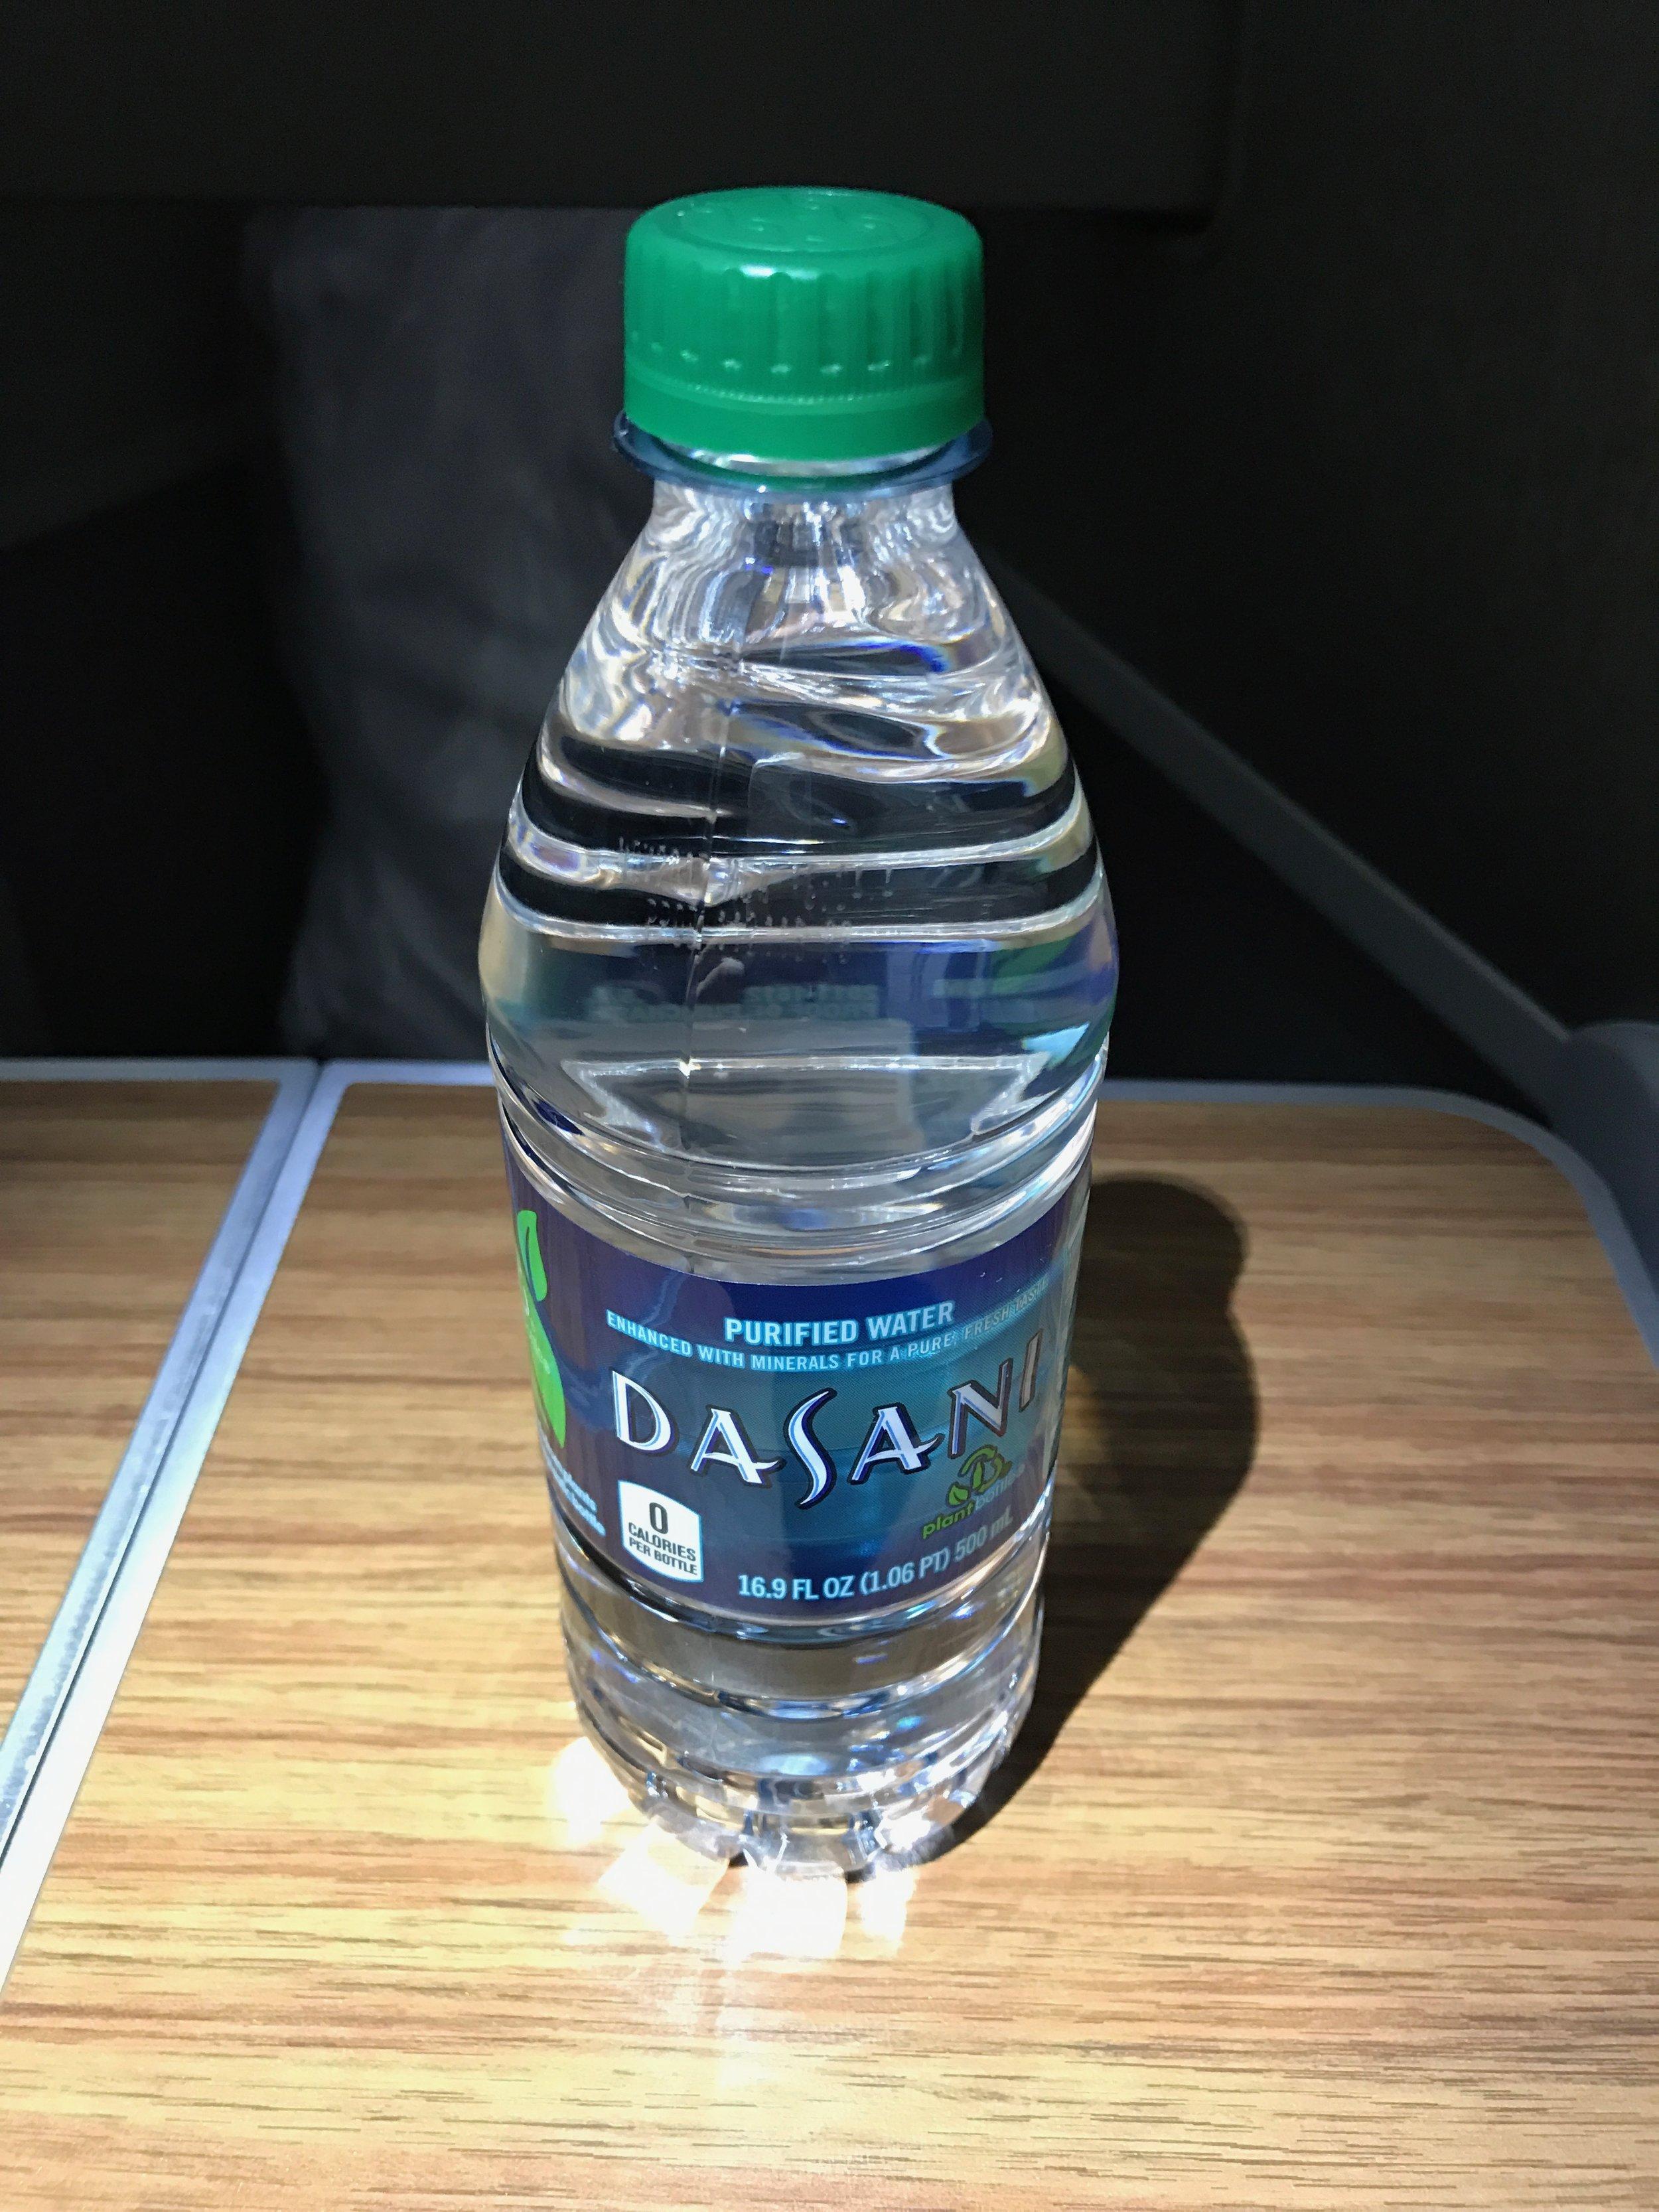 Business class water bottle